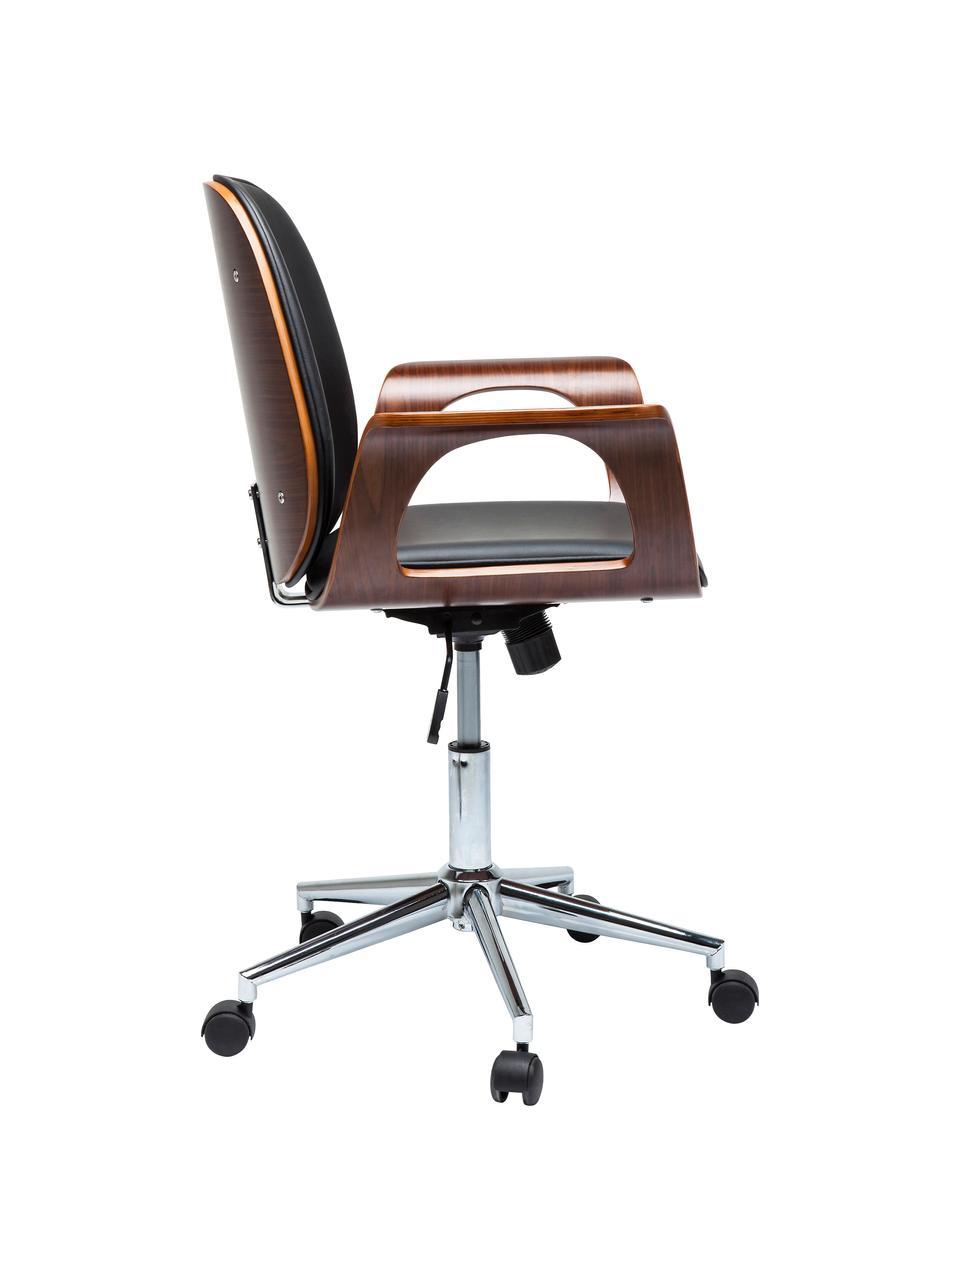 Krzesło biurowe ze sztucznej skóry Patron, obrotowe, Tapicerka: poliuretan, Nogi: metal malowany proszkowo, Brązowy, czarny, S 67 x G 56 cm